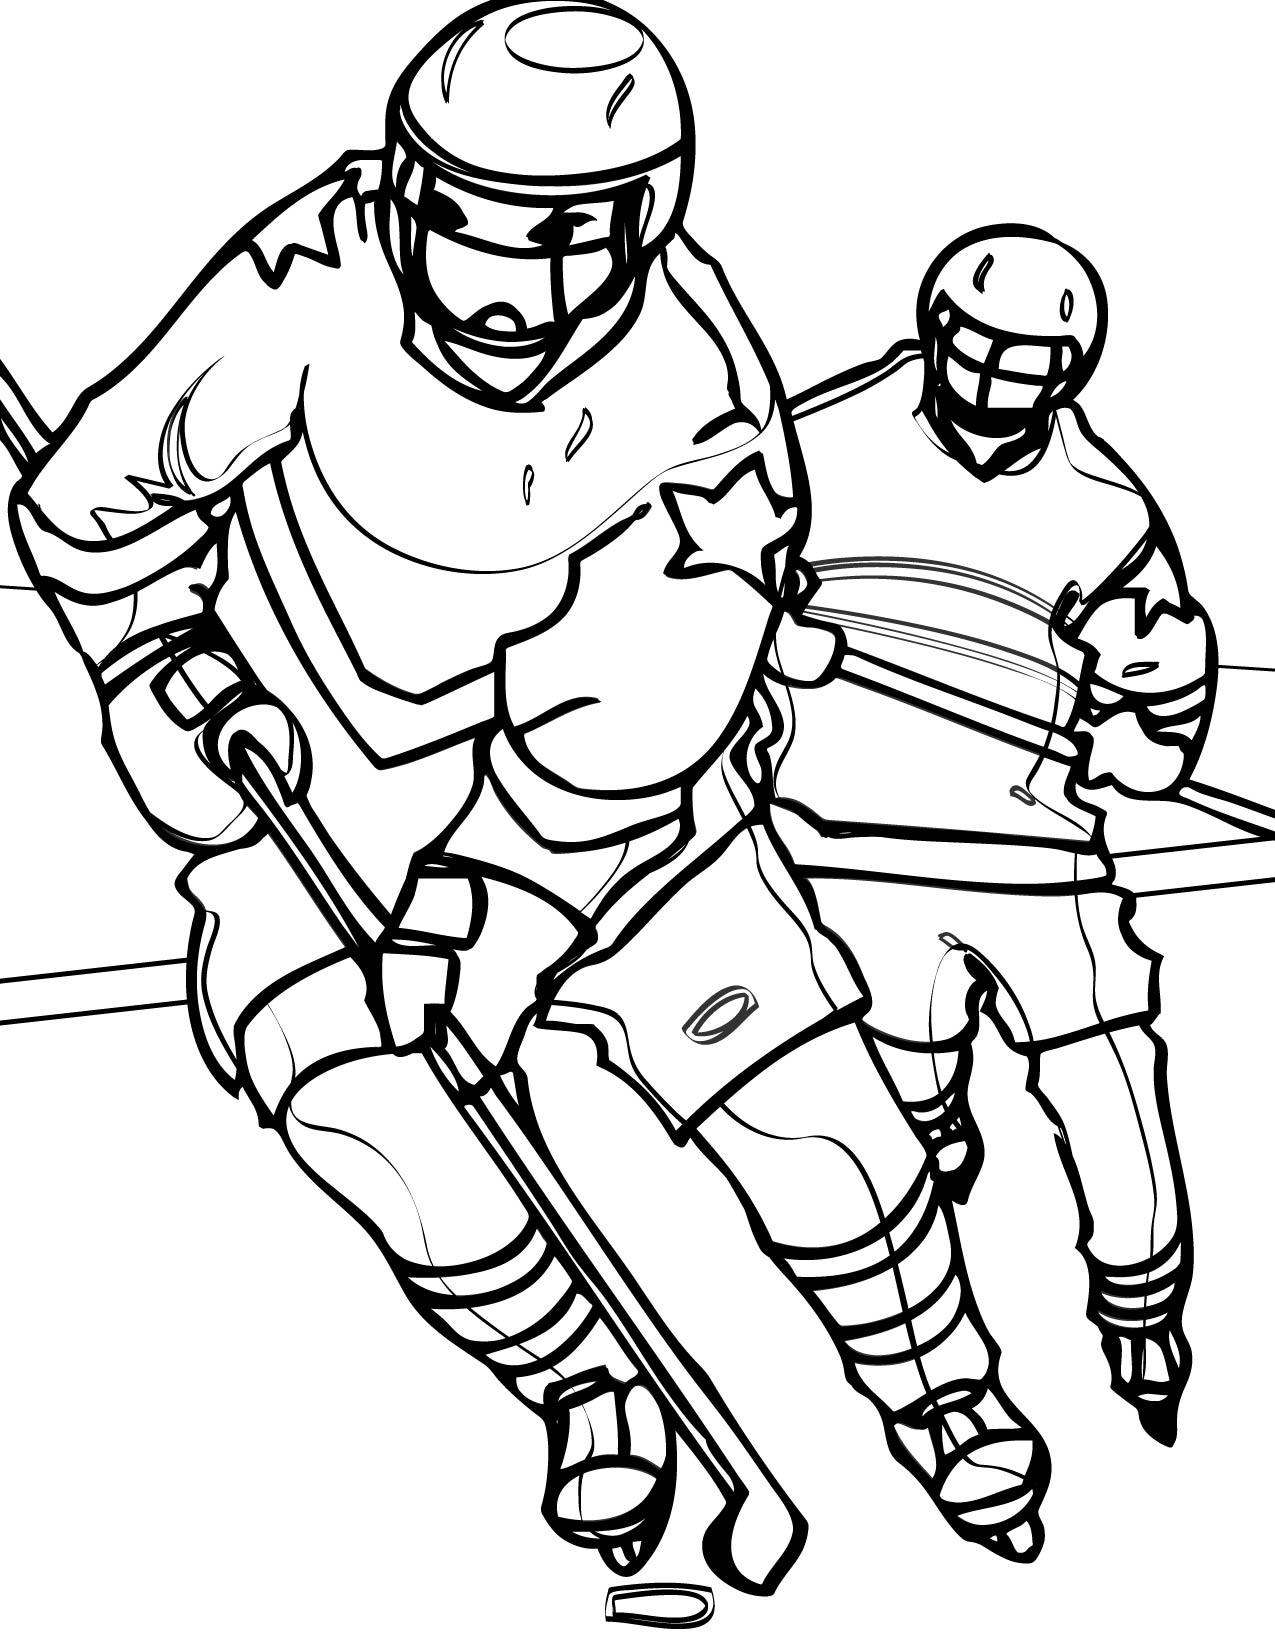 free printable sports coloring pages ausmalbilder für kinder malvorlagen und malbuch sports pages printable free sports coloring